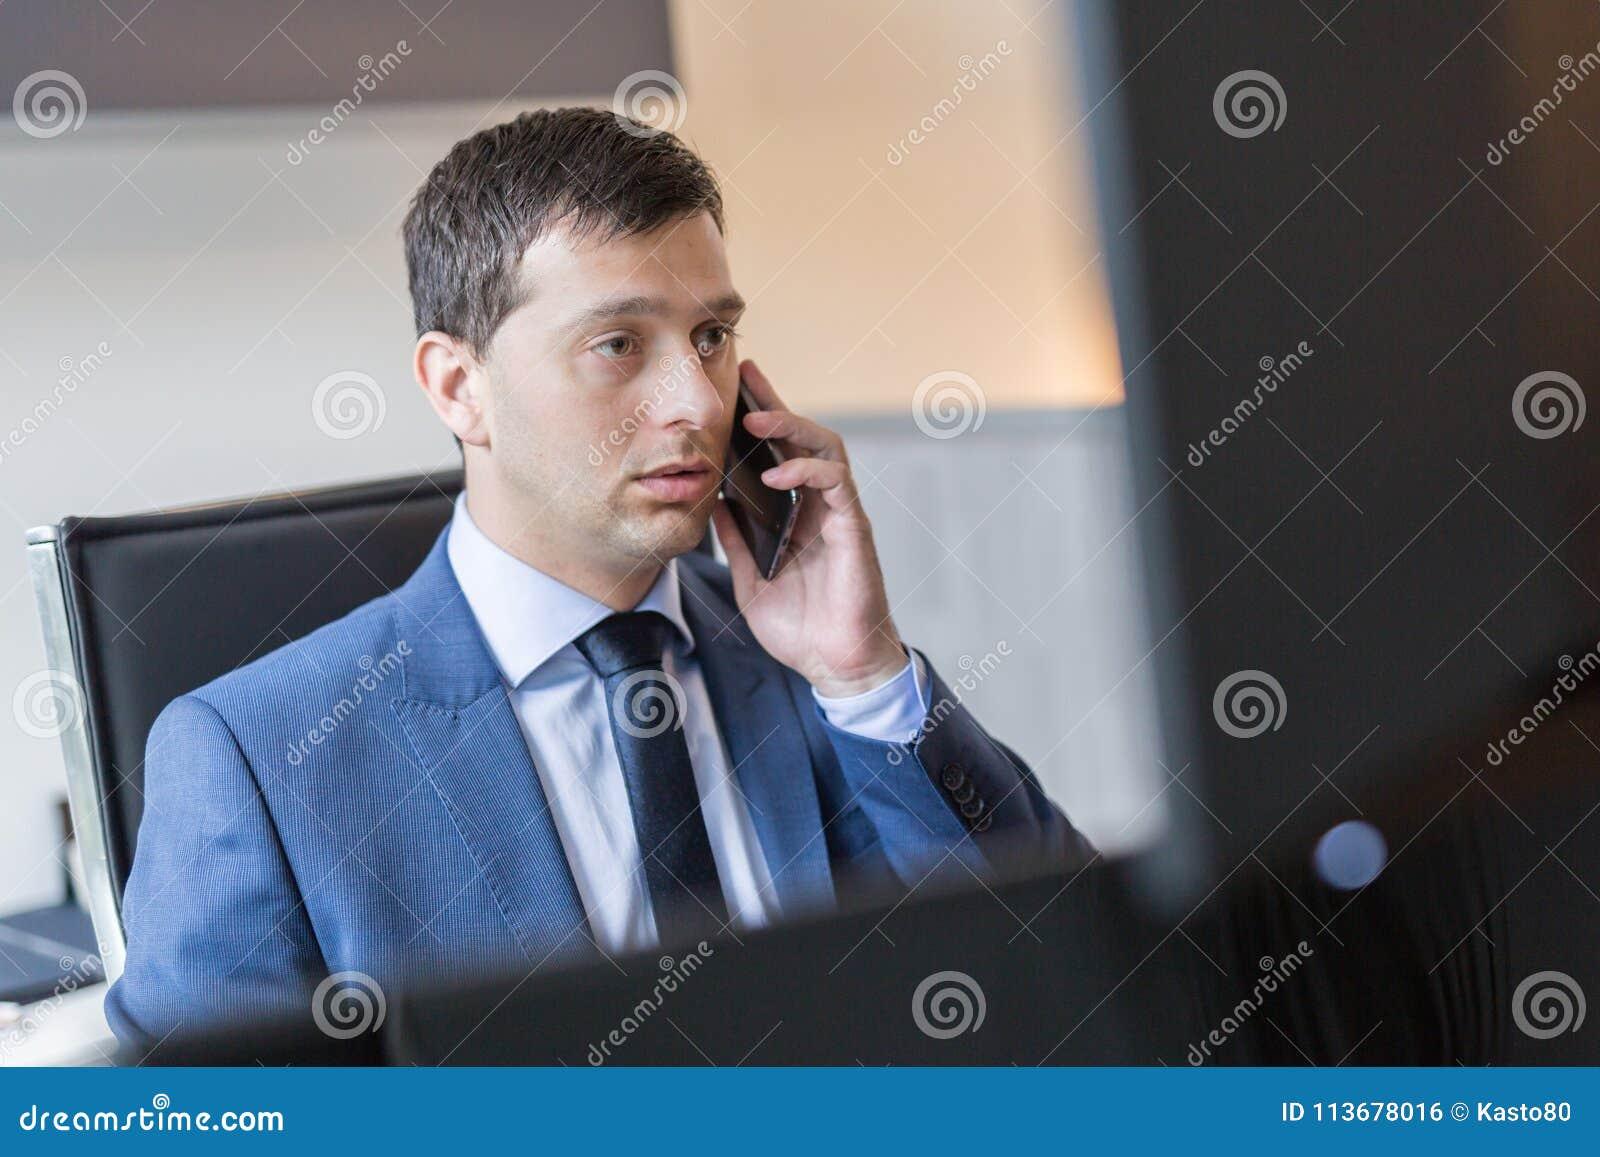 Επιχειρηματίας που μιλά στο κινητό τηλέφωνο προσέχοντας τα διαγράμματα και τις αναλύσεις στοιχείων στις πολλαπλάσιες οθόνες υπολο